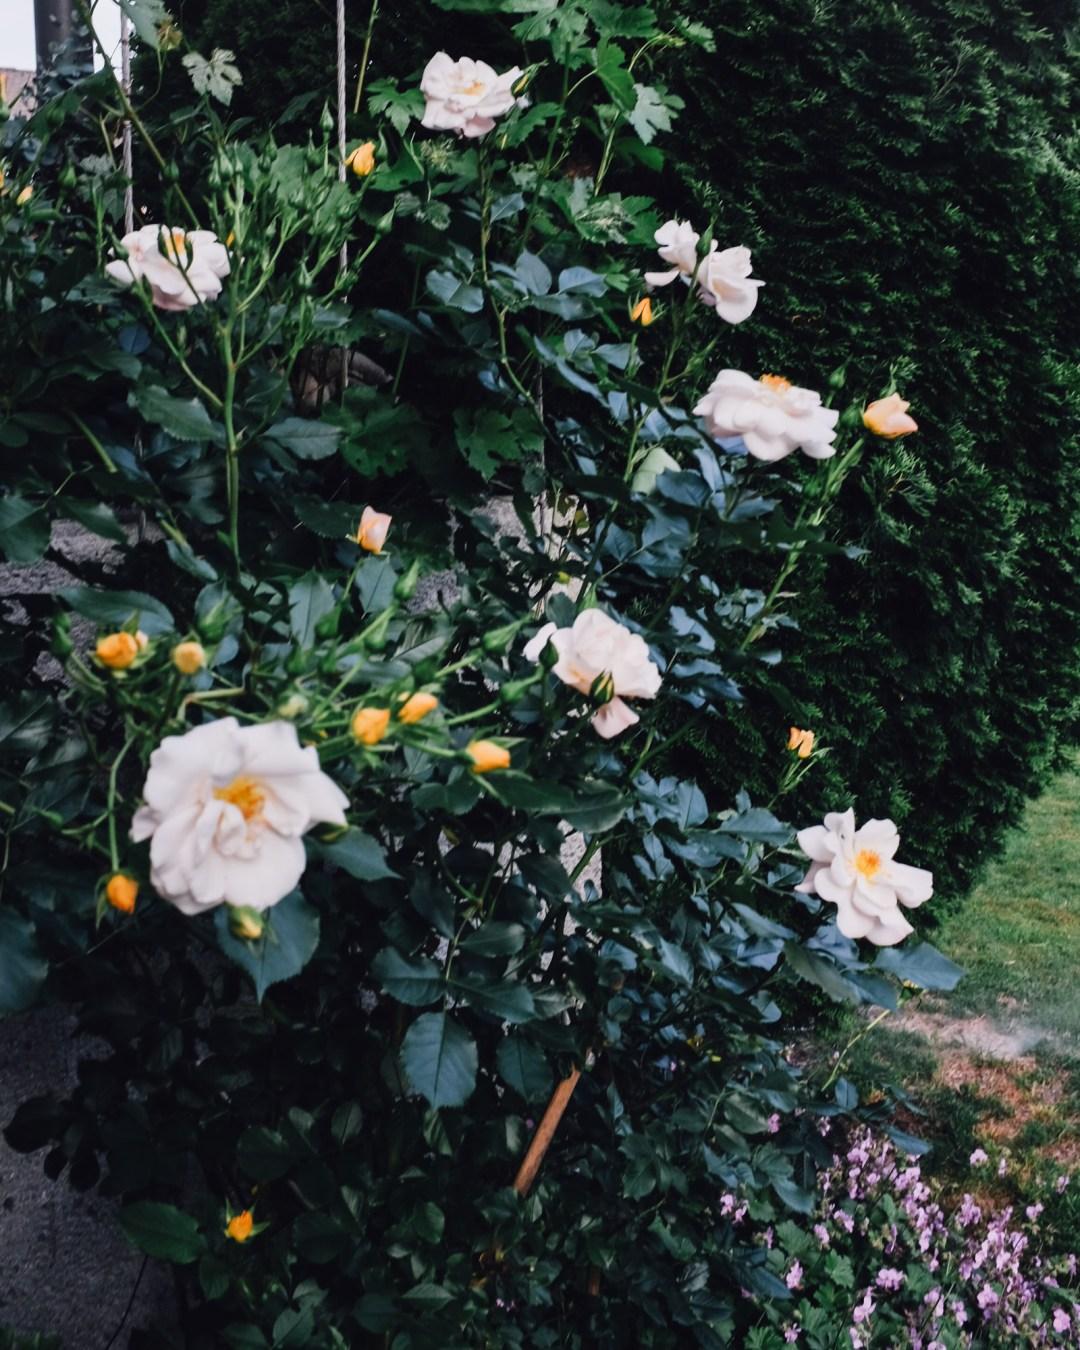 inastil, over50blogger, rosen, historische rosen, garten, sommergarten, rosengarten, gartenliebe, holler, holunder, holundersirsup, hugo, sommerabend, rosenliebe, haus und garten, rosenstrauß-6